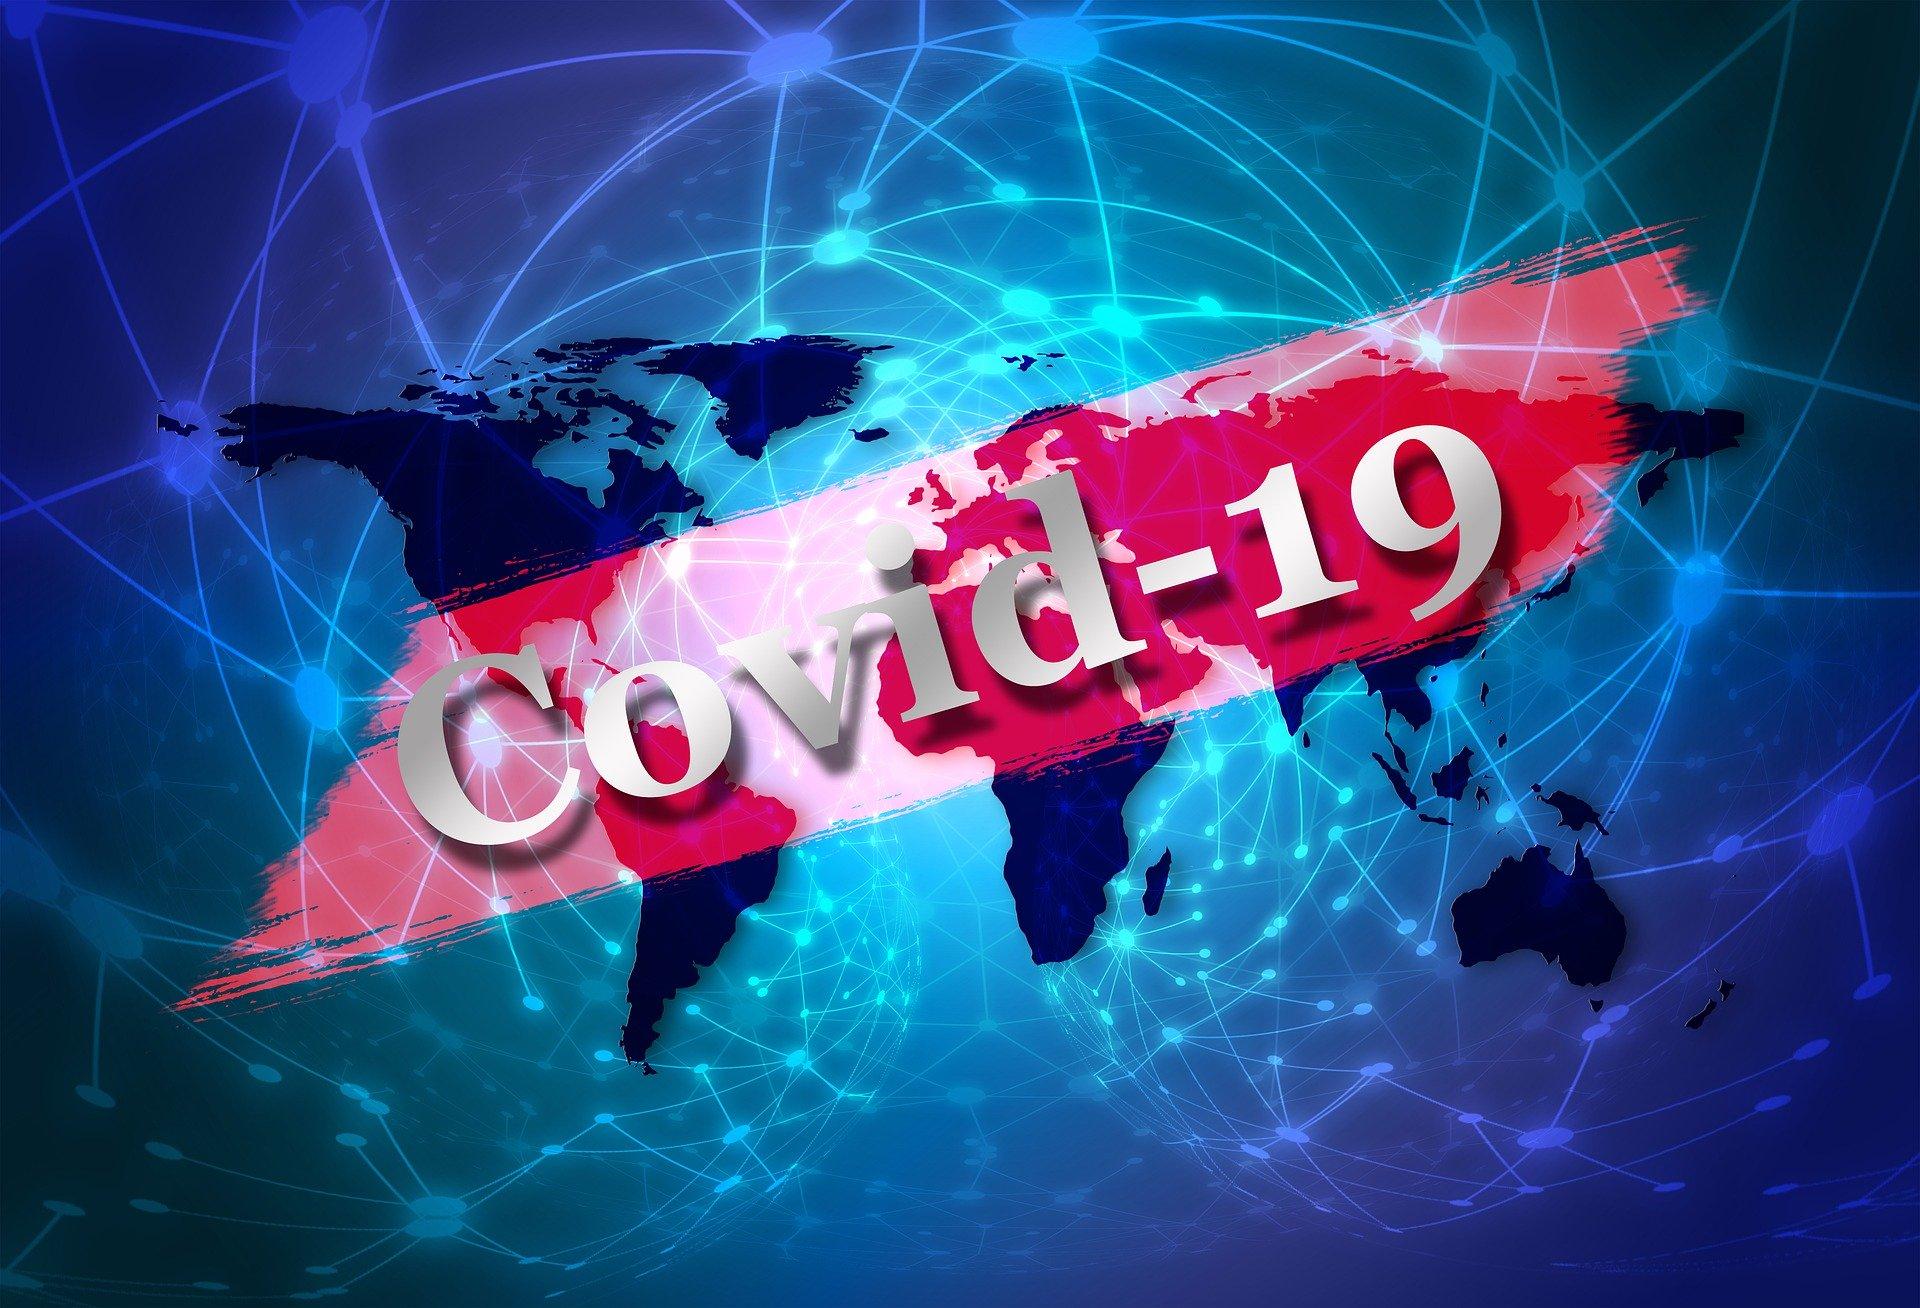 27 κρούσματα Covid-19 στη Δυτική Μακεδονία – 24 στην Καστοριά και 3 στην Κοζάνη